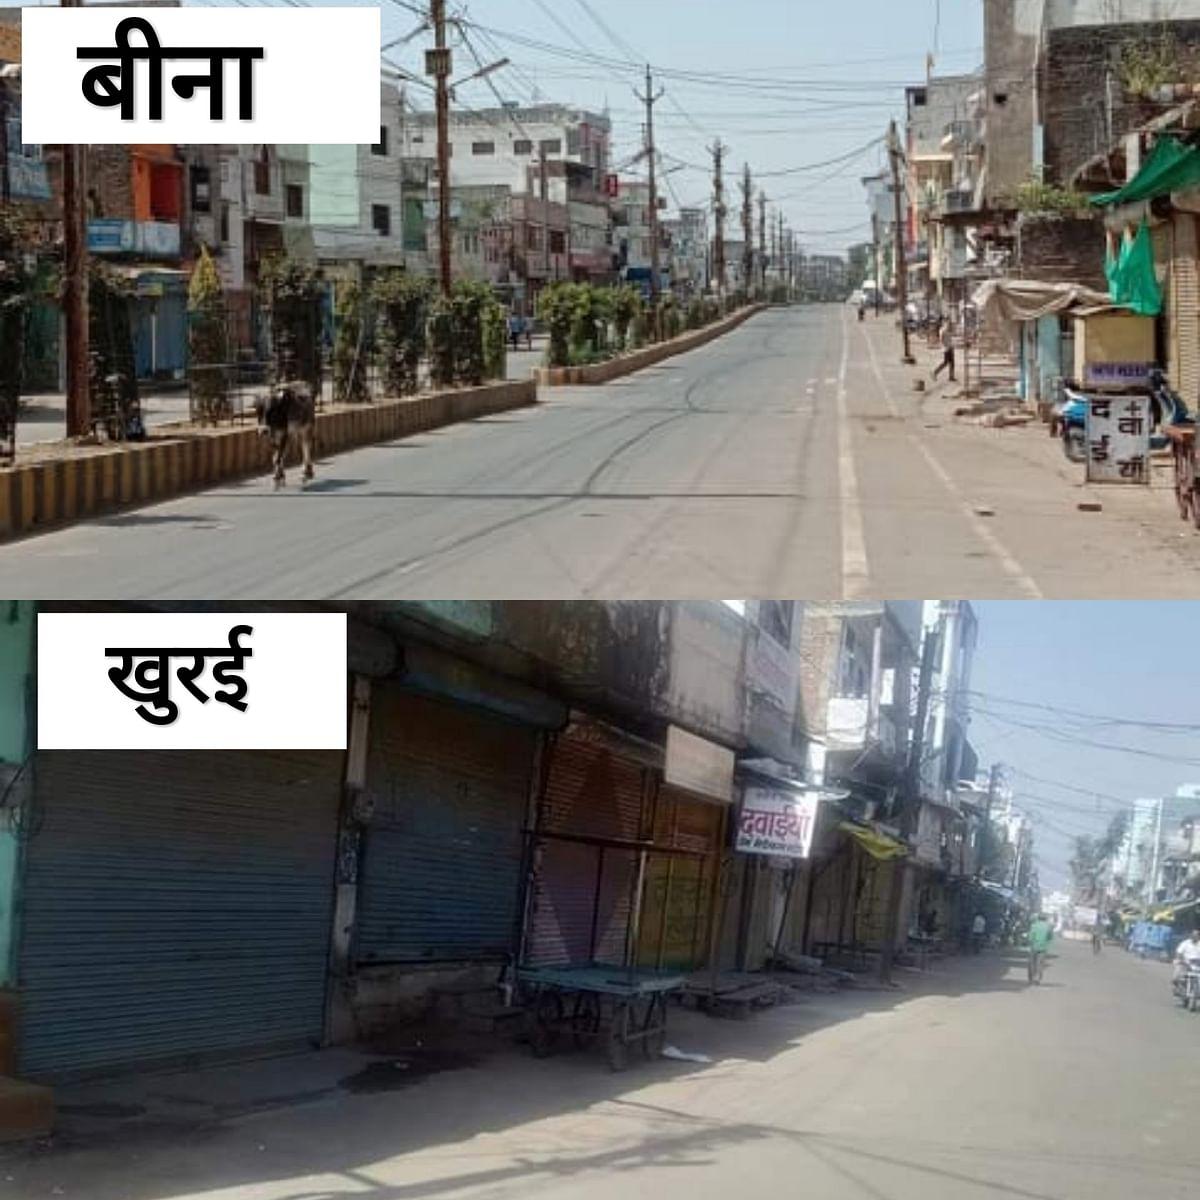 सागर जिले के बीना-खुरई में जनता कर्फ्यू का असर